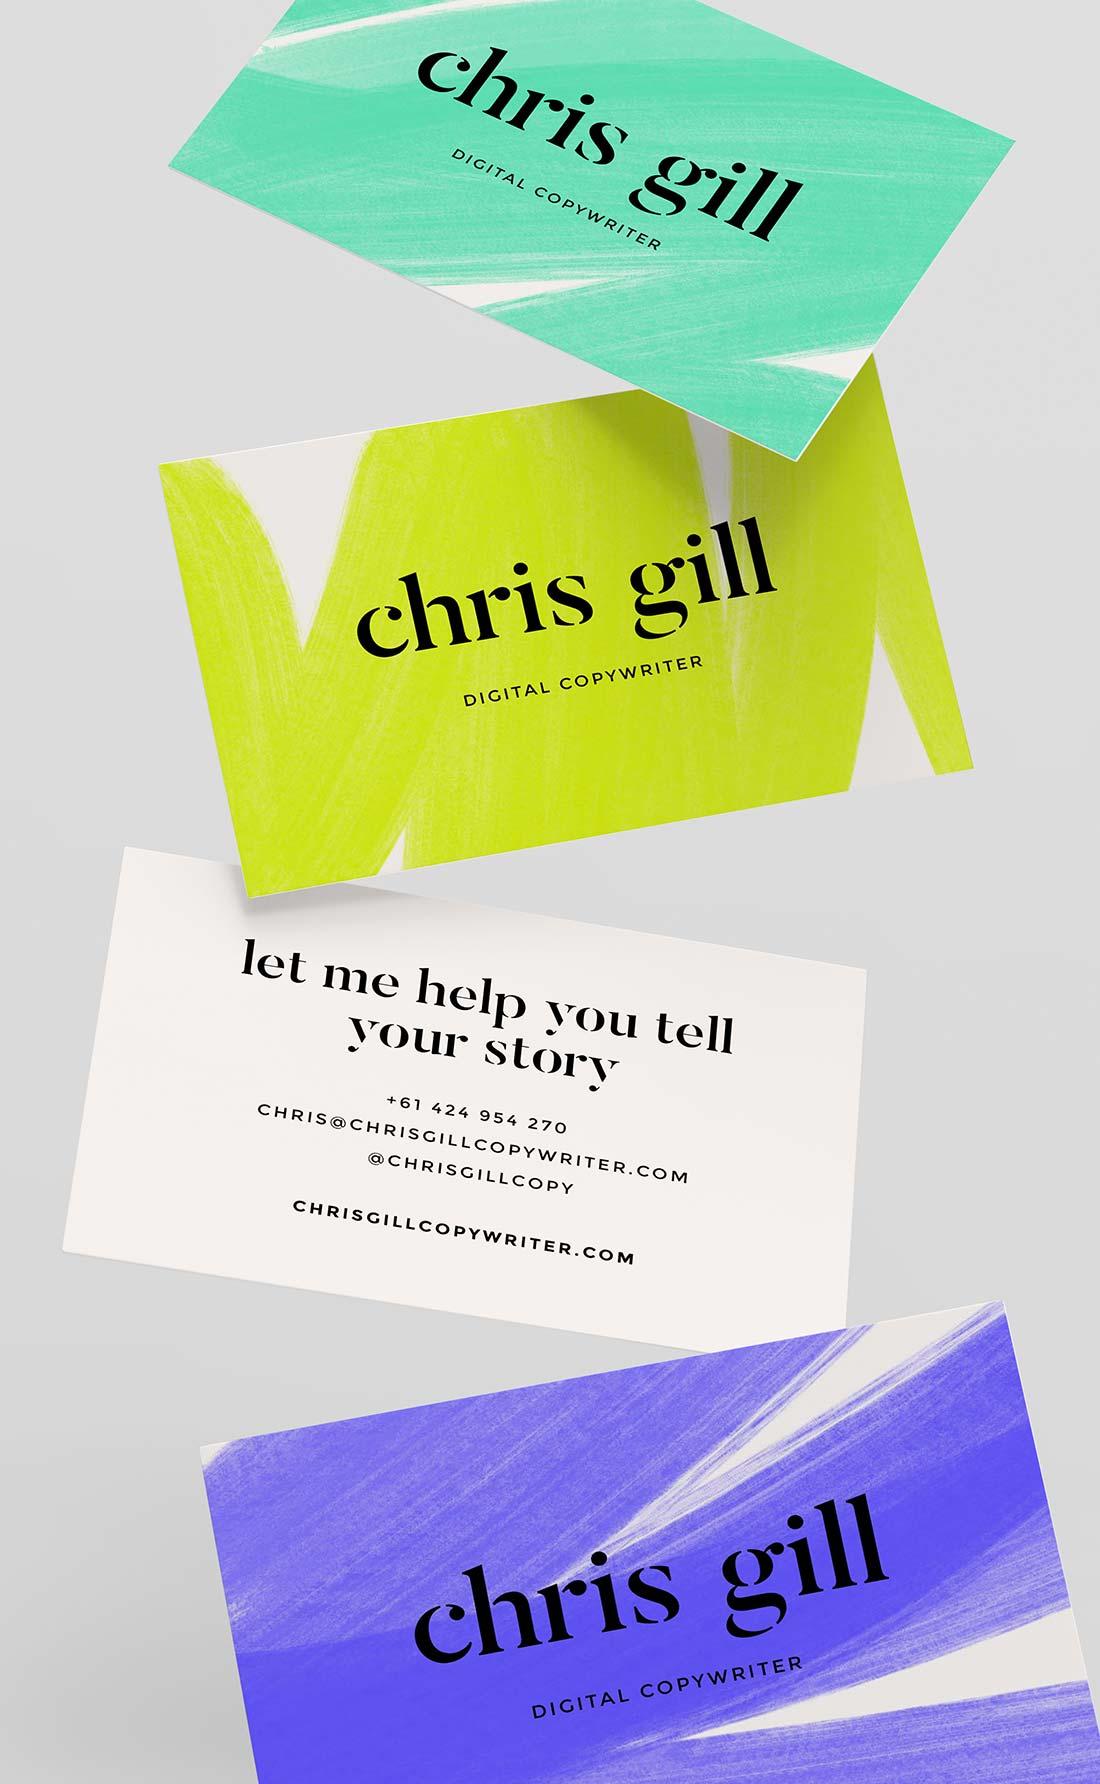 Chris Gill Copywriter Business Cards